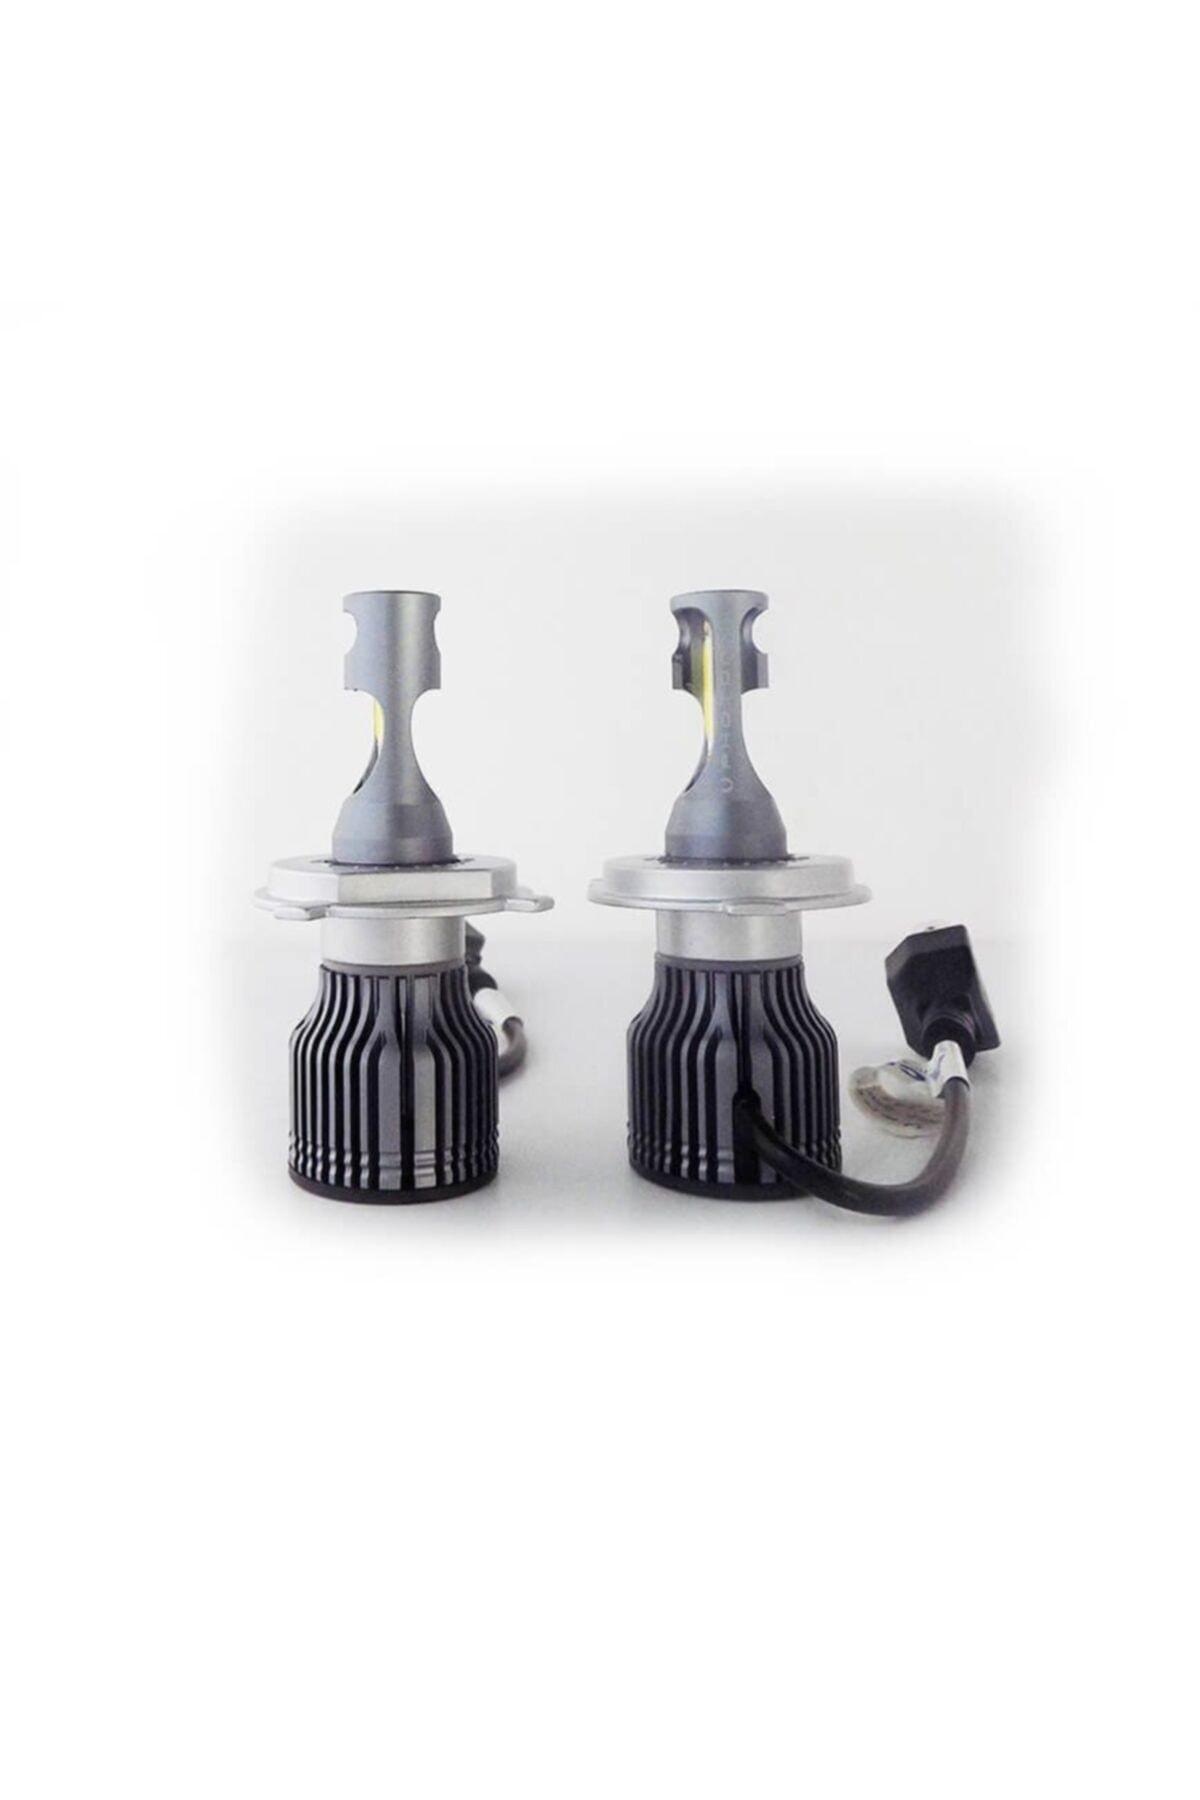 Photon H4 Mini Acorn 5+pluıs Led Xenon Şimşek Etkili Beyaz Zenon Far Ampulu 2